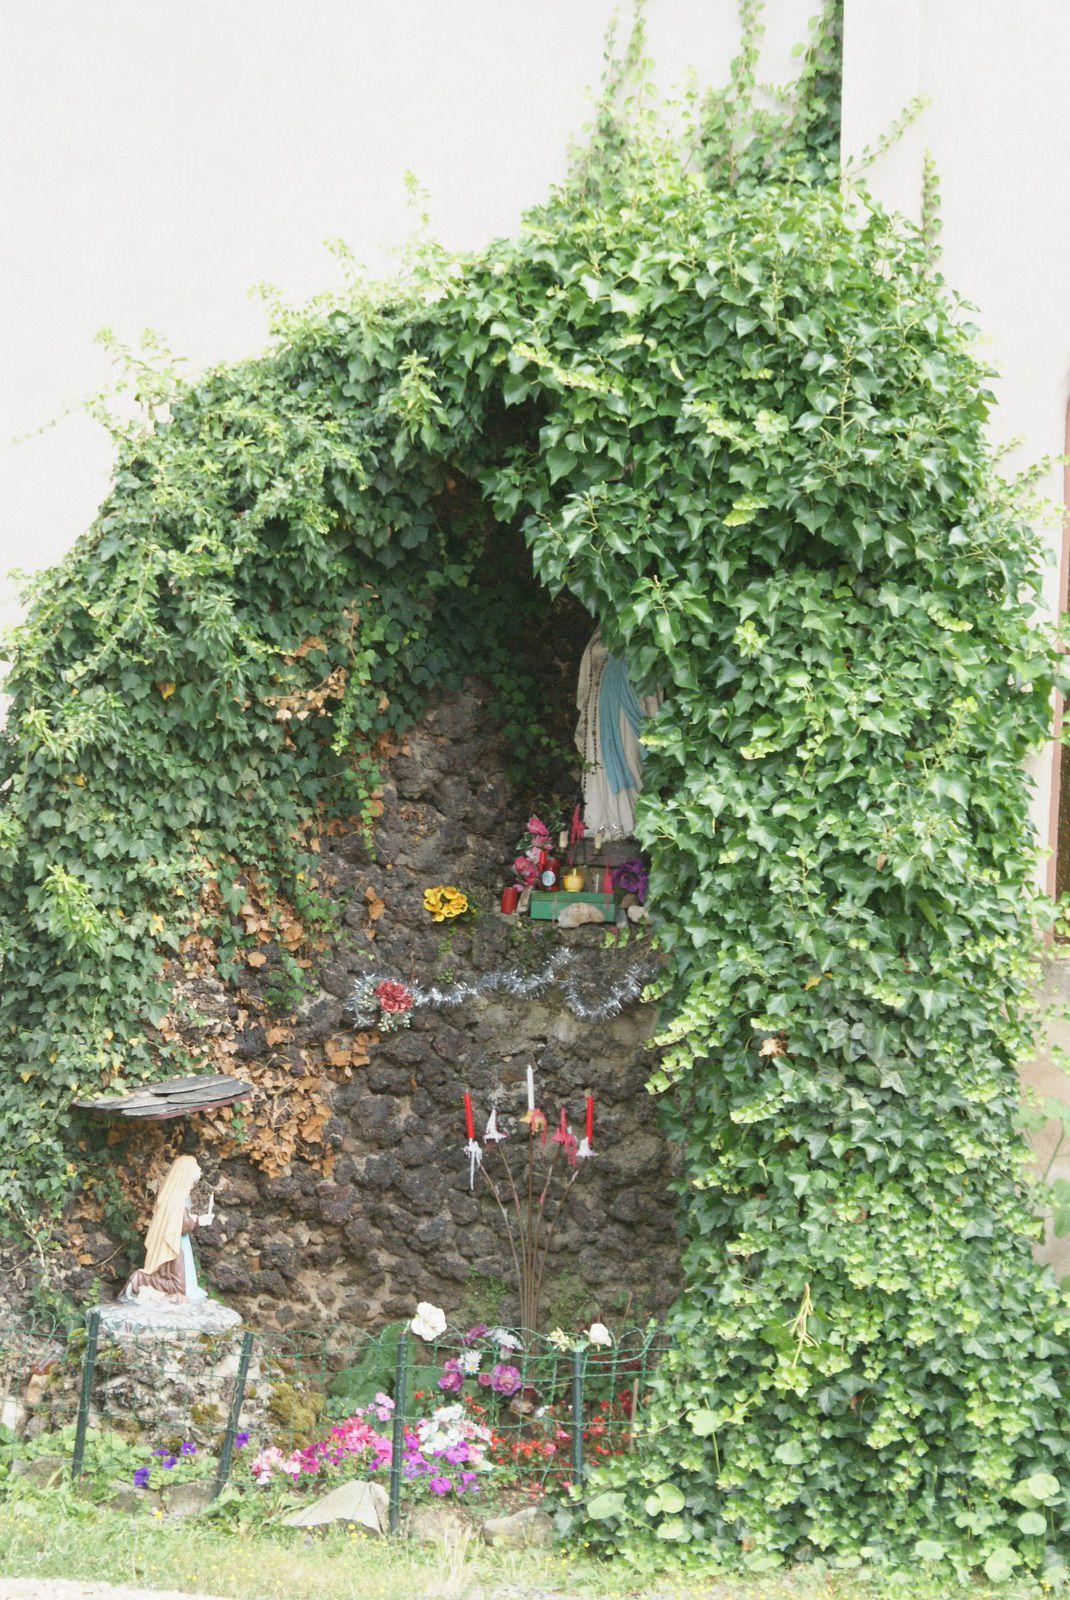 Les villages d'Auvergne: Frugères les mines en Haute-Loire